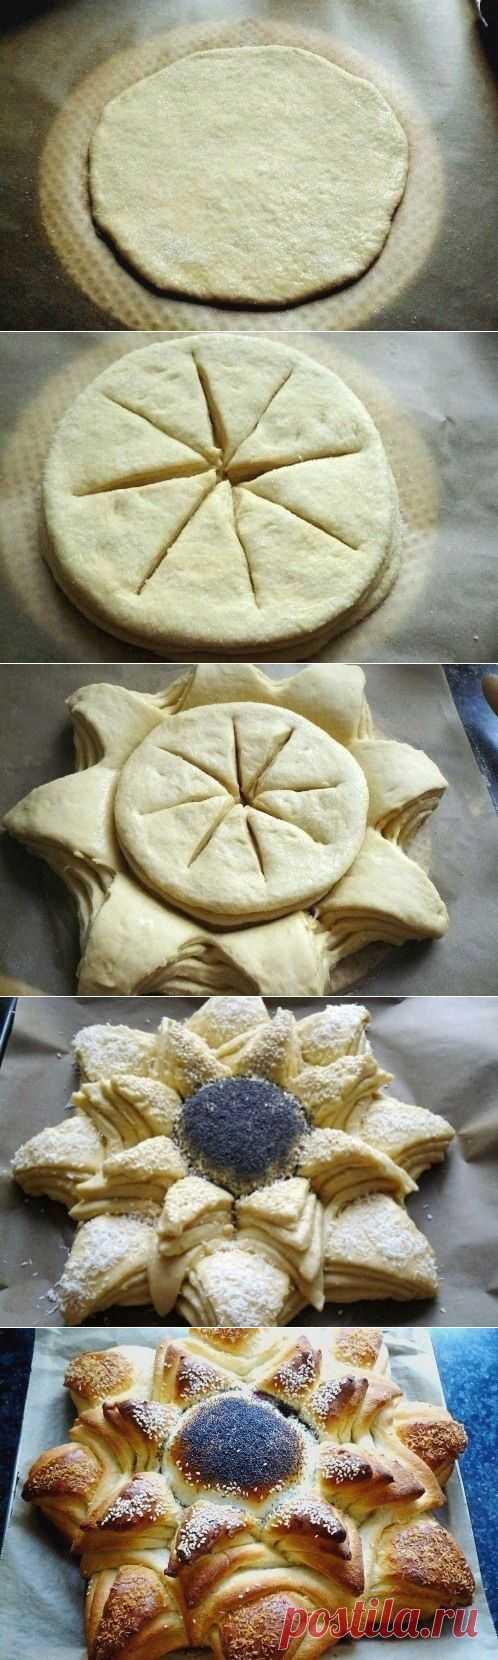 Как красиво разделать : пироги, пирожки, булочки и плетёнки | Самоделкино